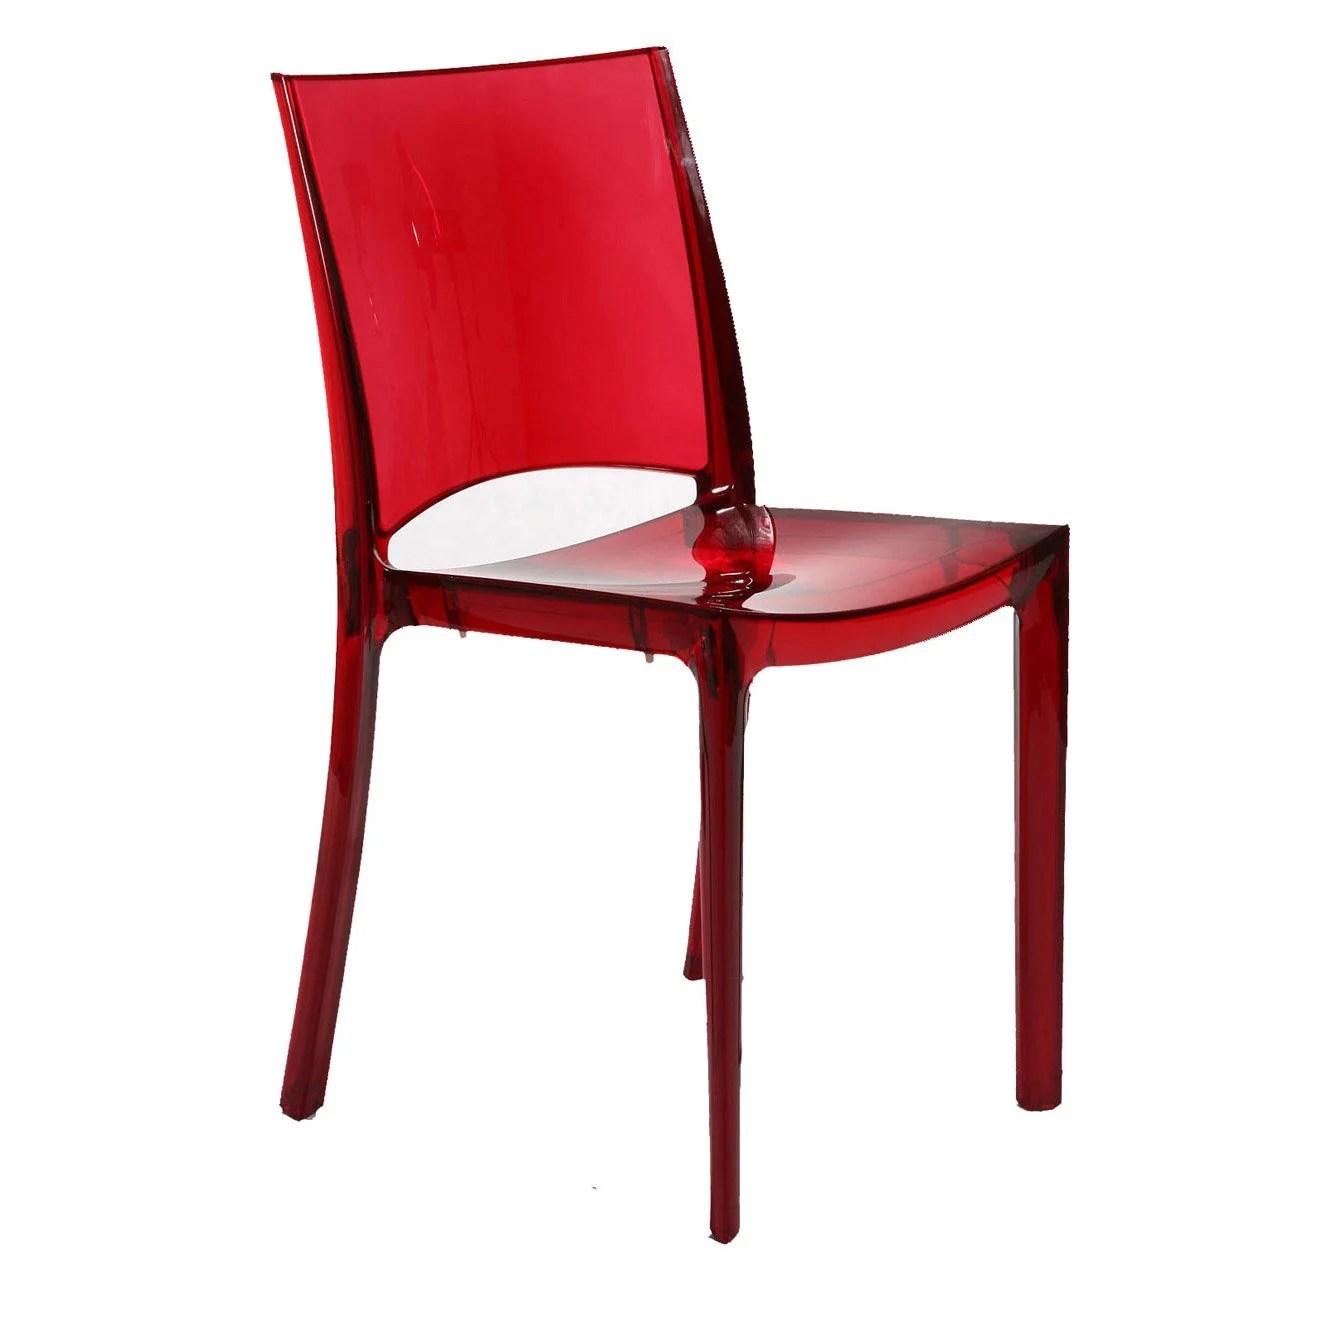 Chaise de jardin en polycarbonate Paris lux rouge  Leroy Merlin